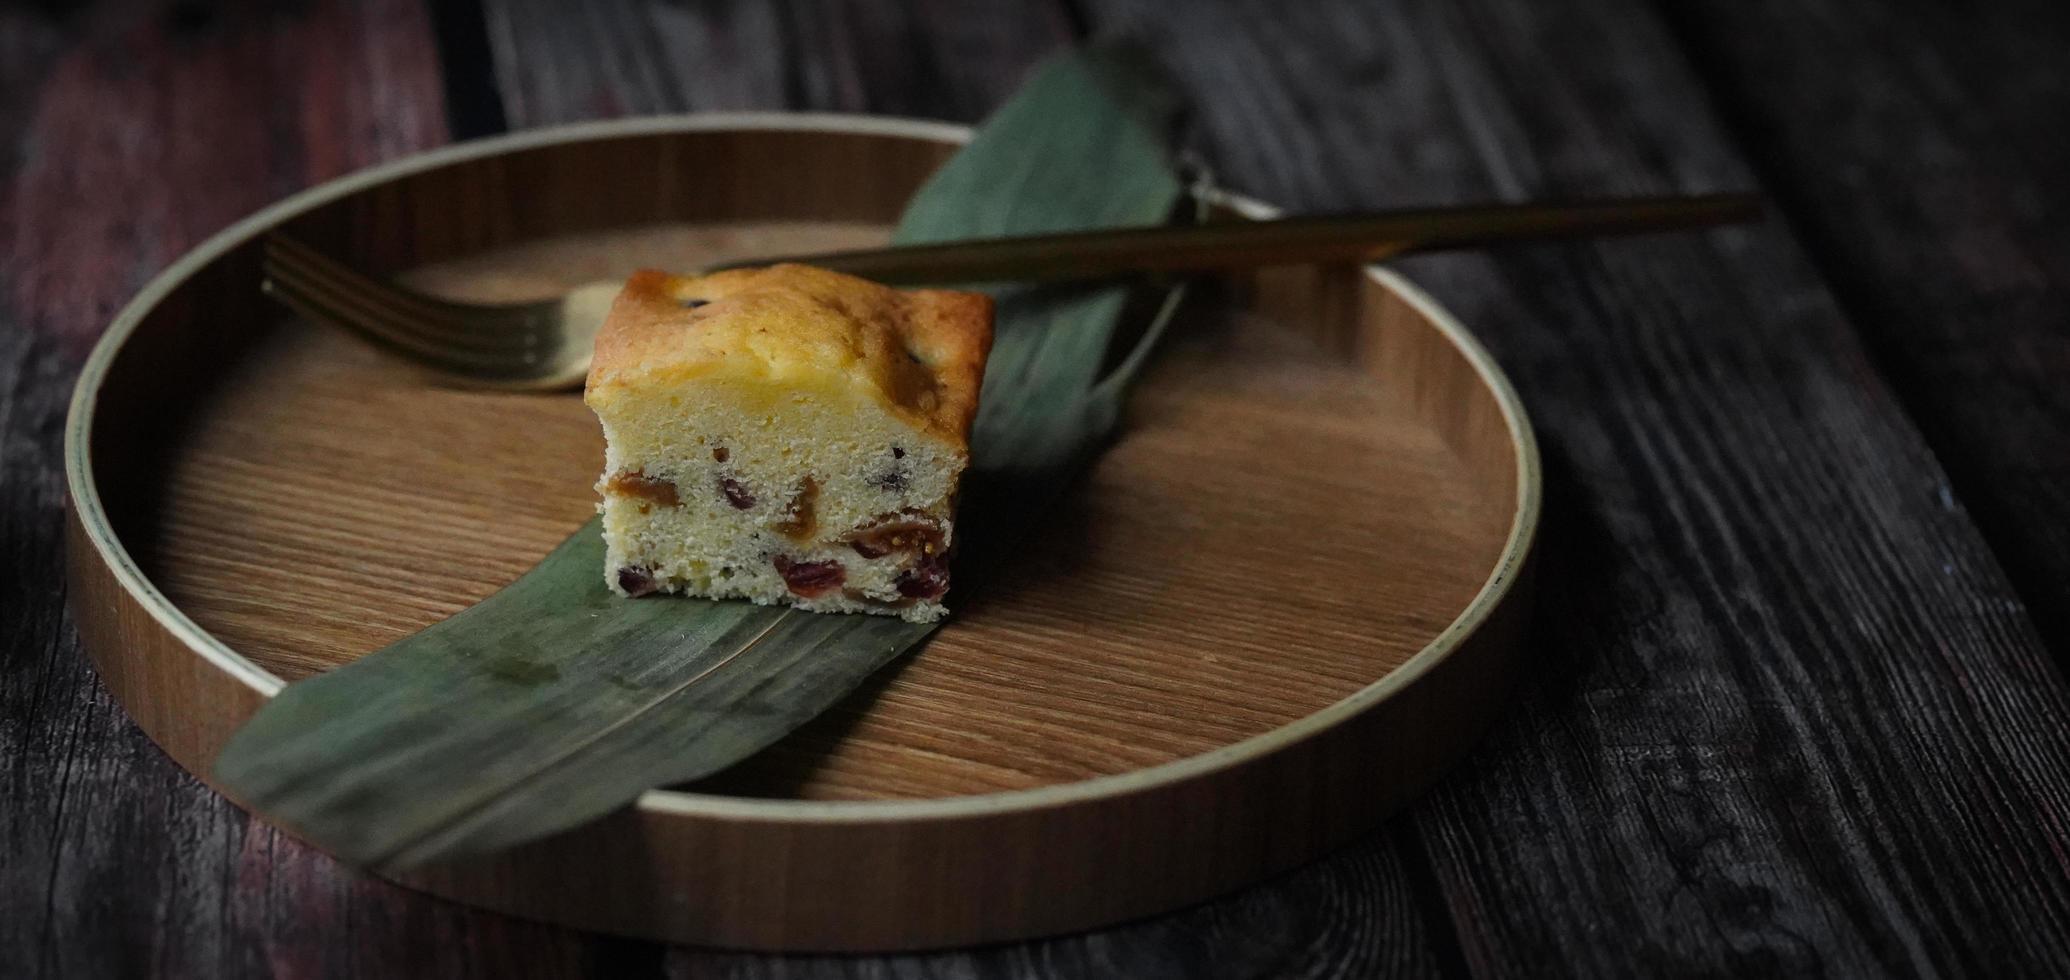 fetta di torta sul piatto di legno foto